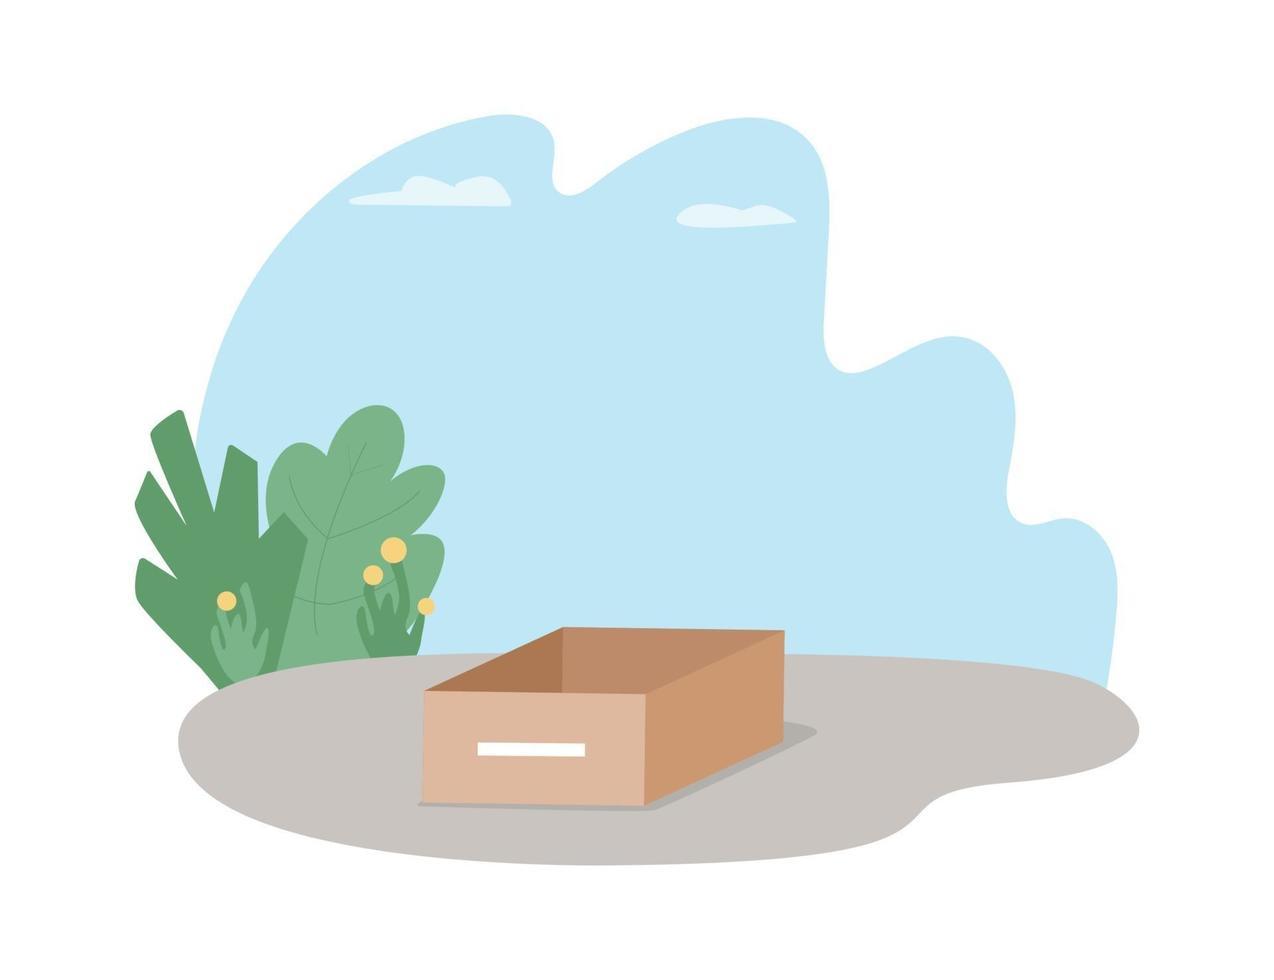 kartonnen doos op straat 2d vector webbanner, poster